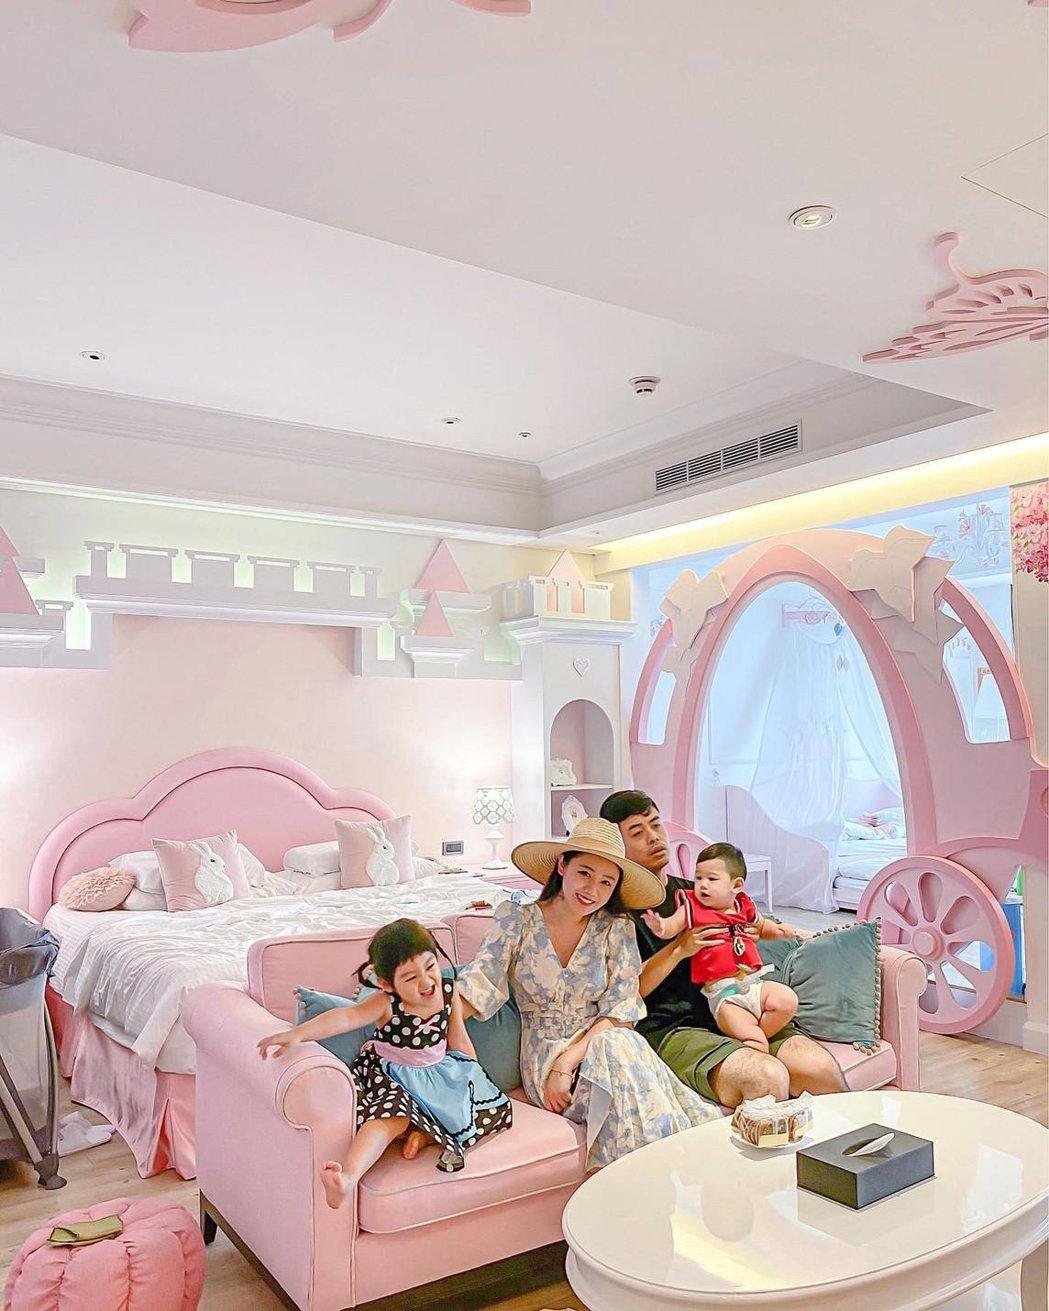 義大皇家酒店推出的「超玩美」親子主題房平日專案,自即日起至4月30日止。 圖/義...